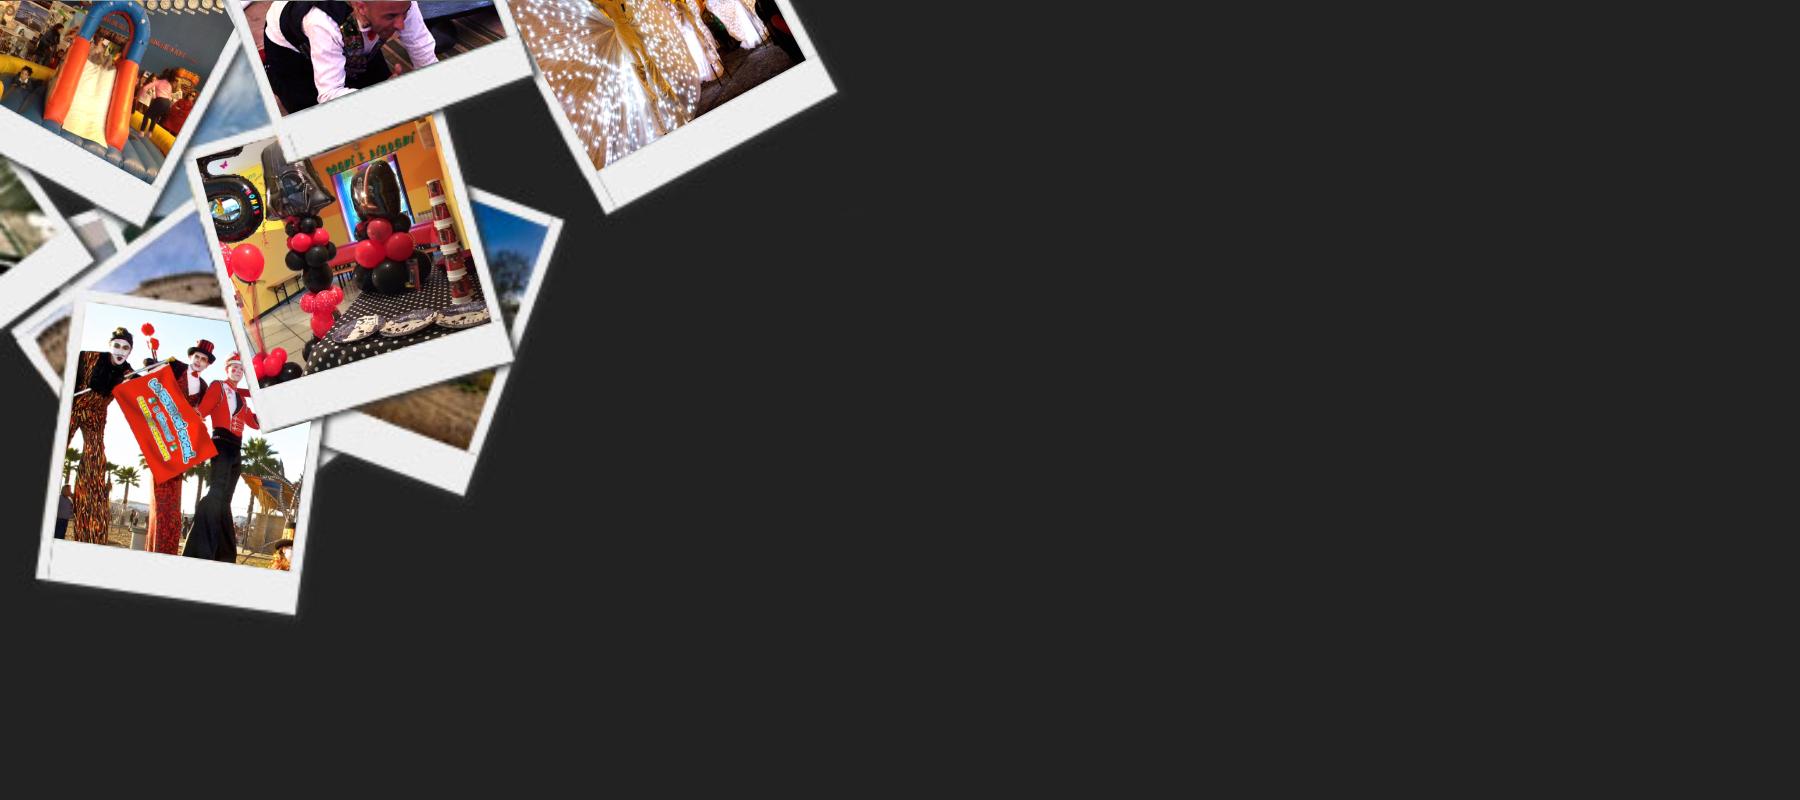 Gallery - Sogni e Bisogni Animazione Caserta